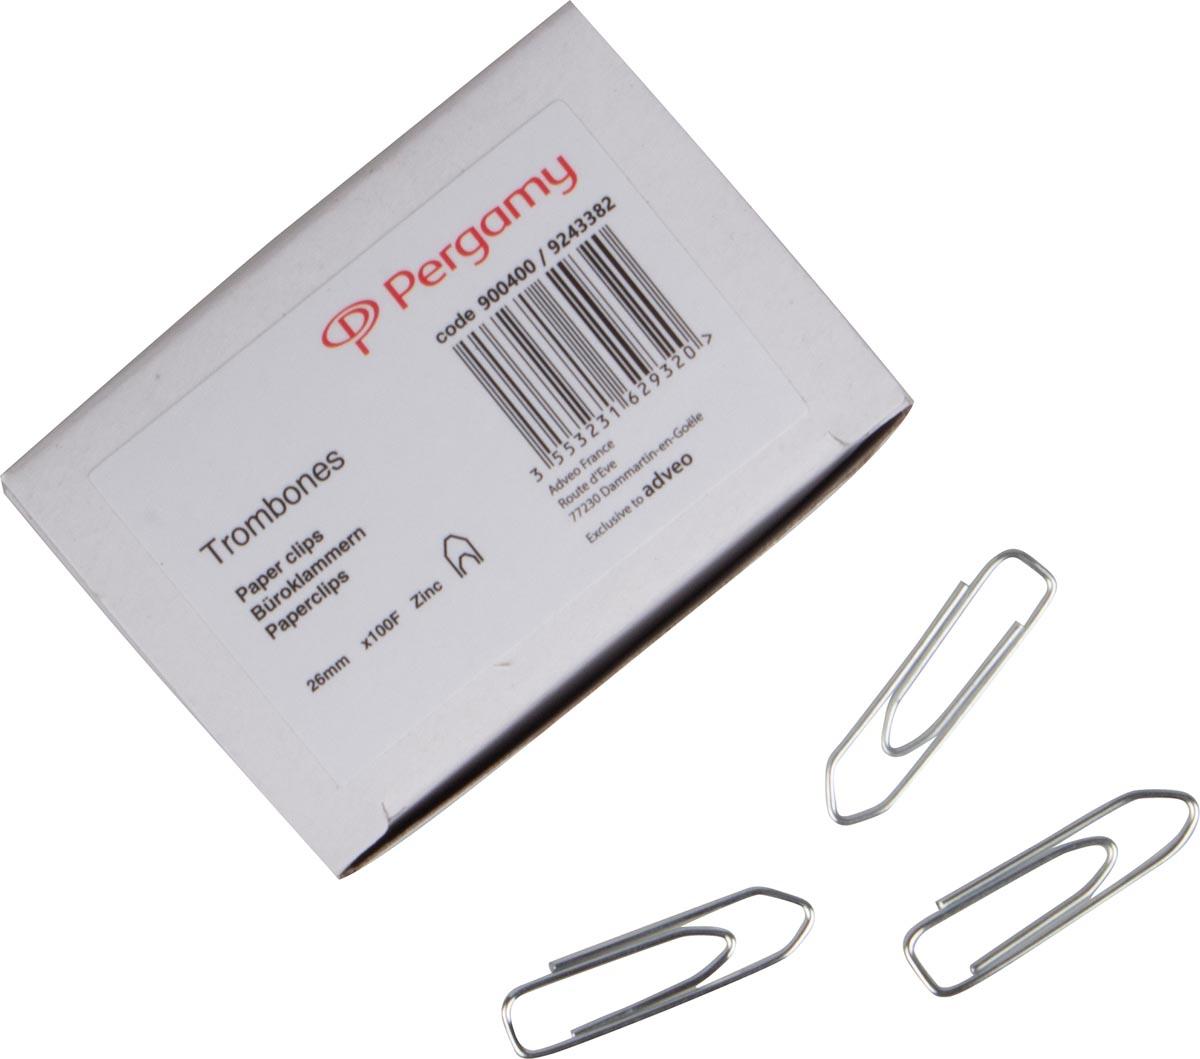 Pergamy papierklemmen 26 mm gepunt, doos van 100 stuks